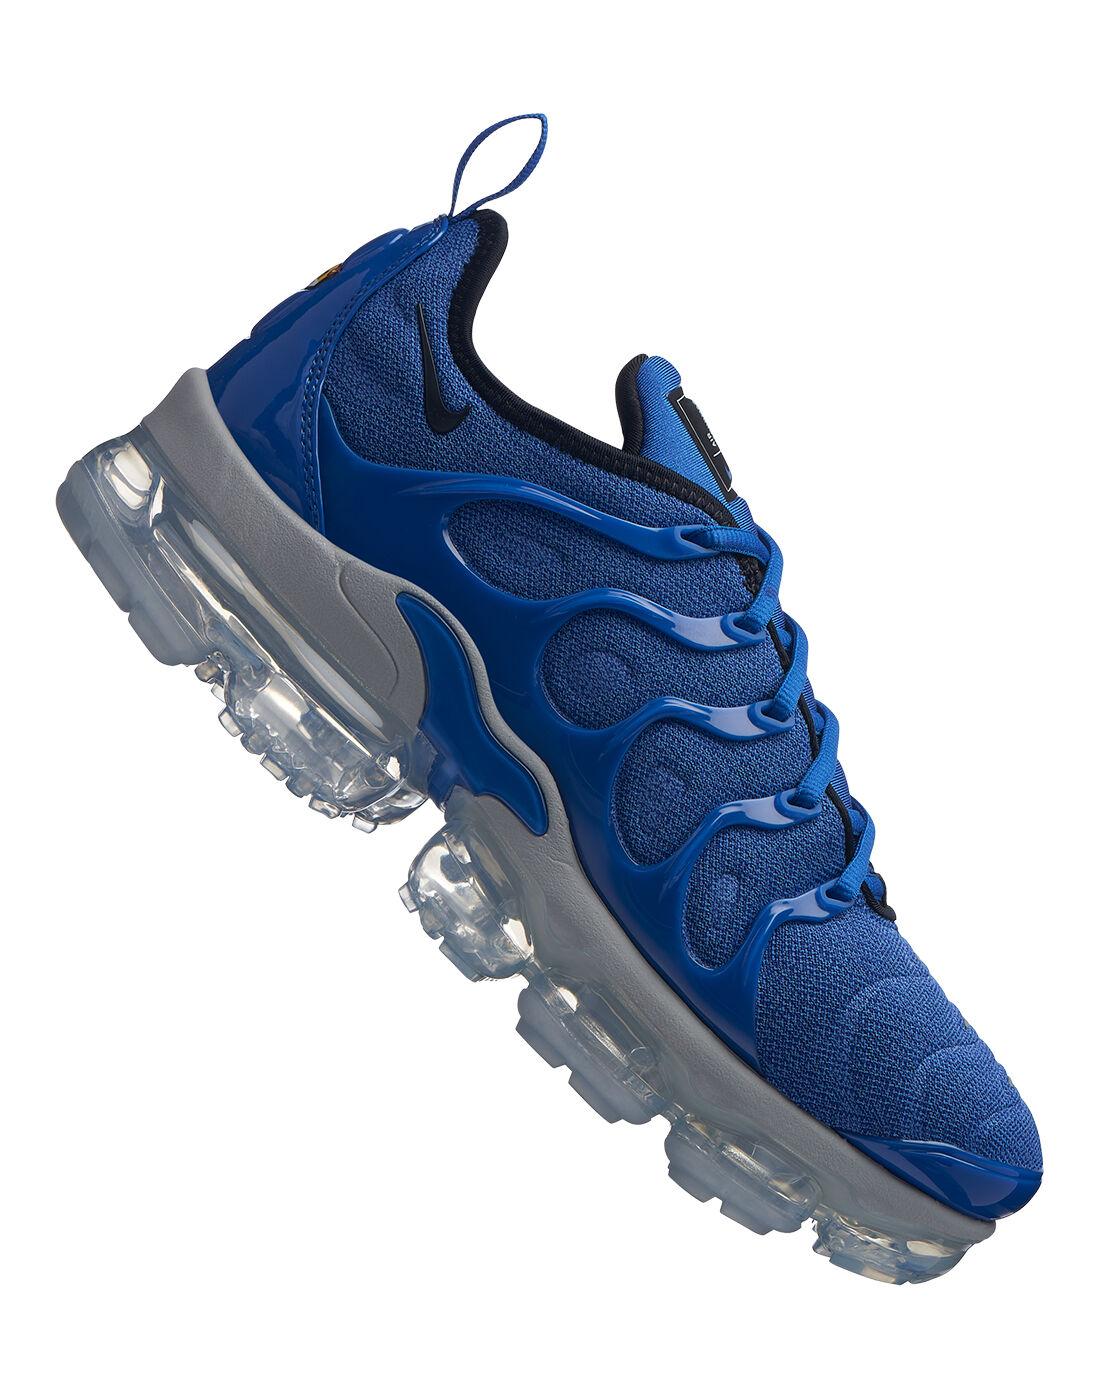 Men's Blue Nike VaporMax Plus | Life Style Sports